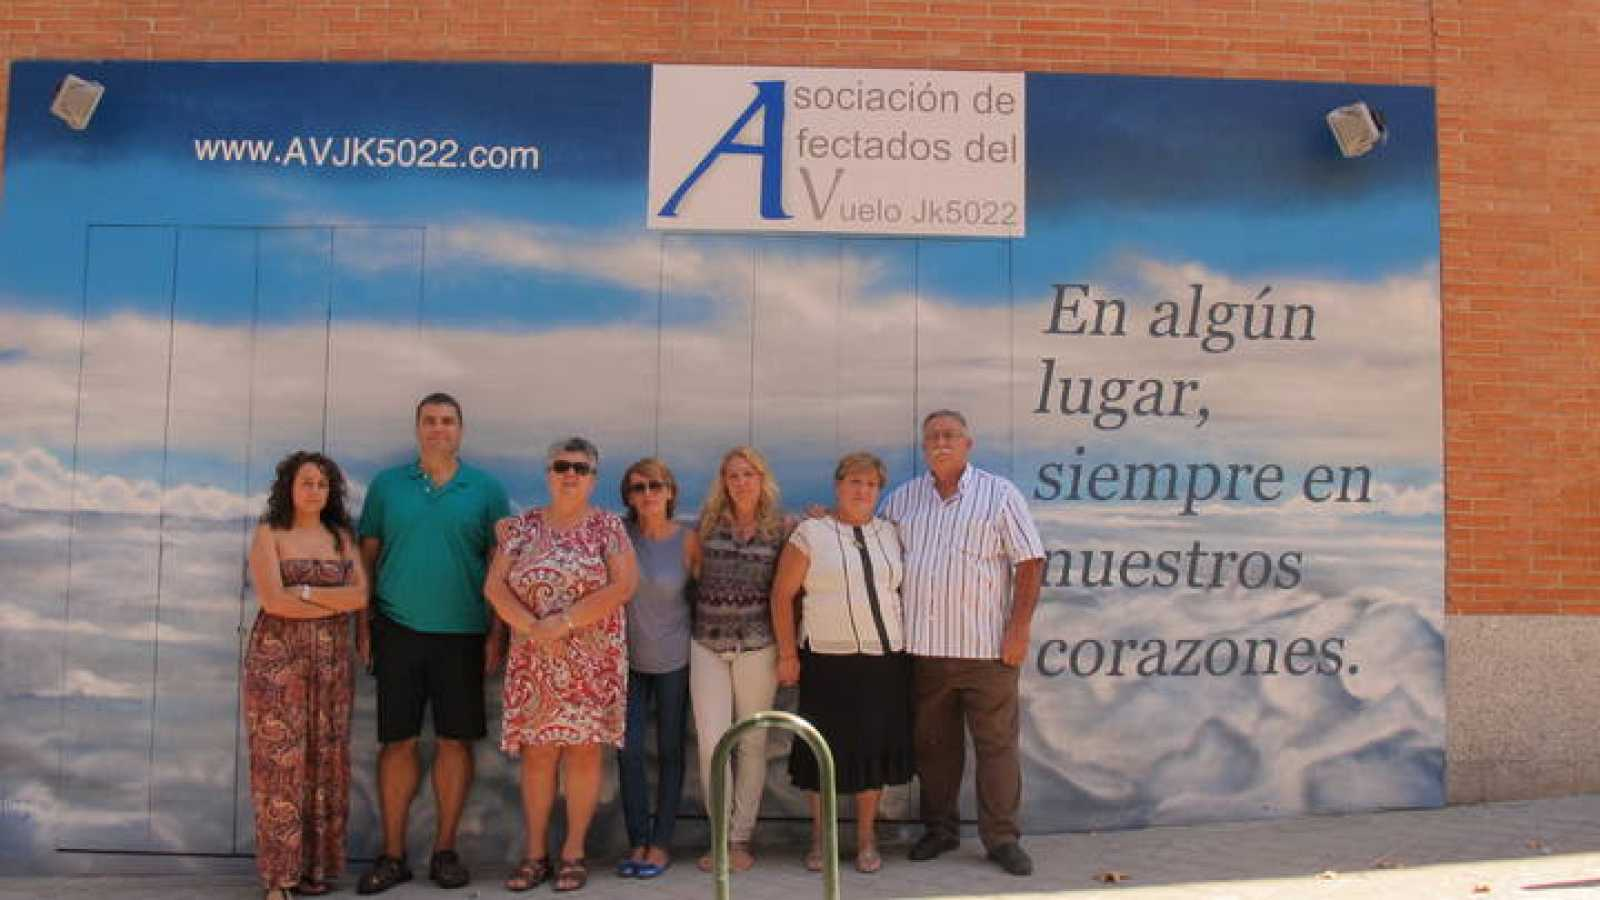 La presidenta  de la Asociación de afectados por el vuelo JK5022 en Madrid, en el quinto aniversario de la tragedia